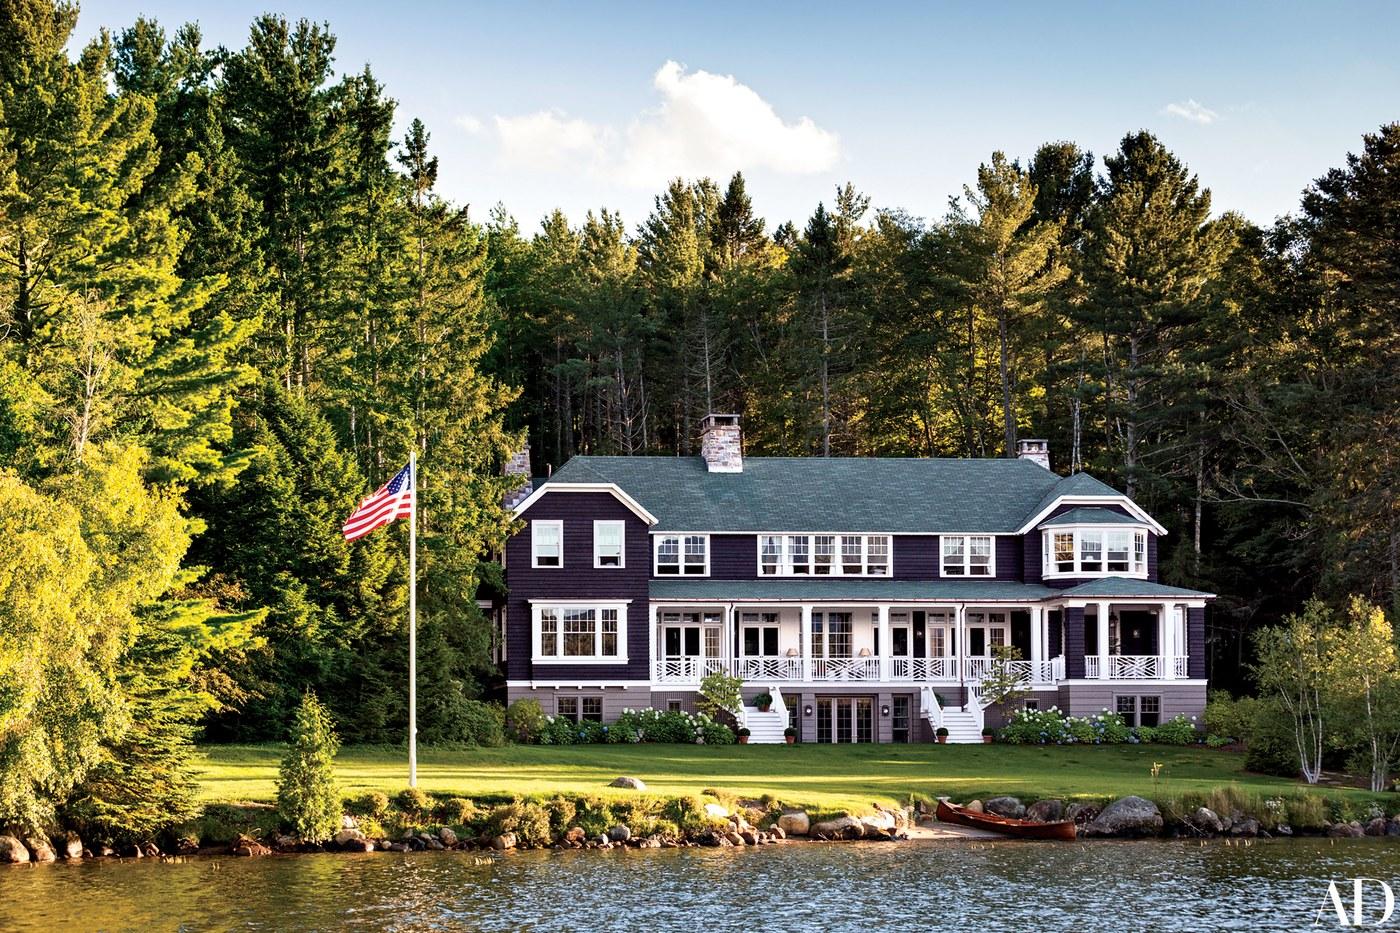 01-casa-a-beira-do-lago-e-construida-em-estilo-tradicional-da-regiao